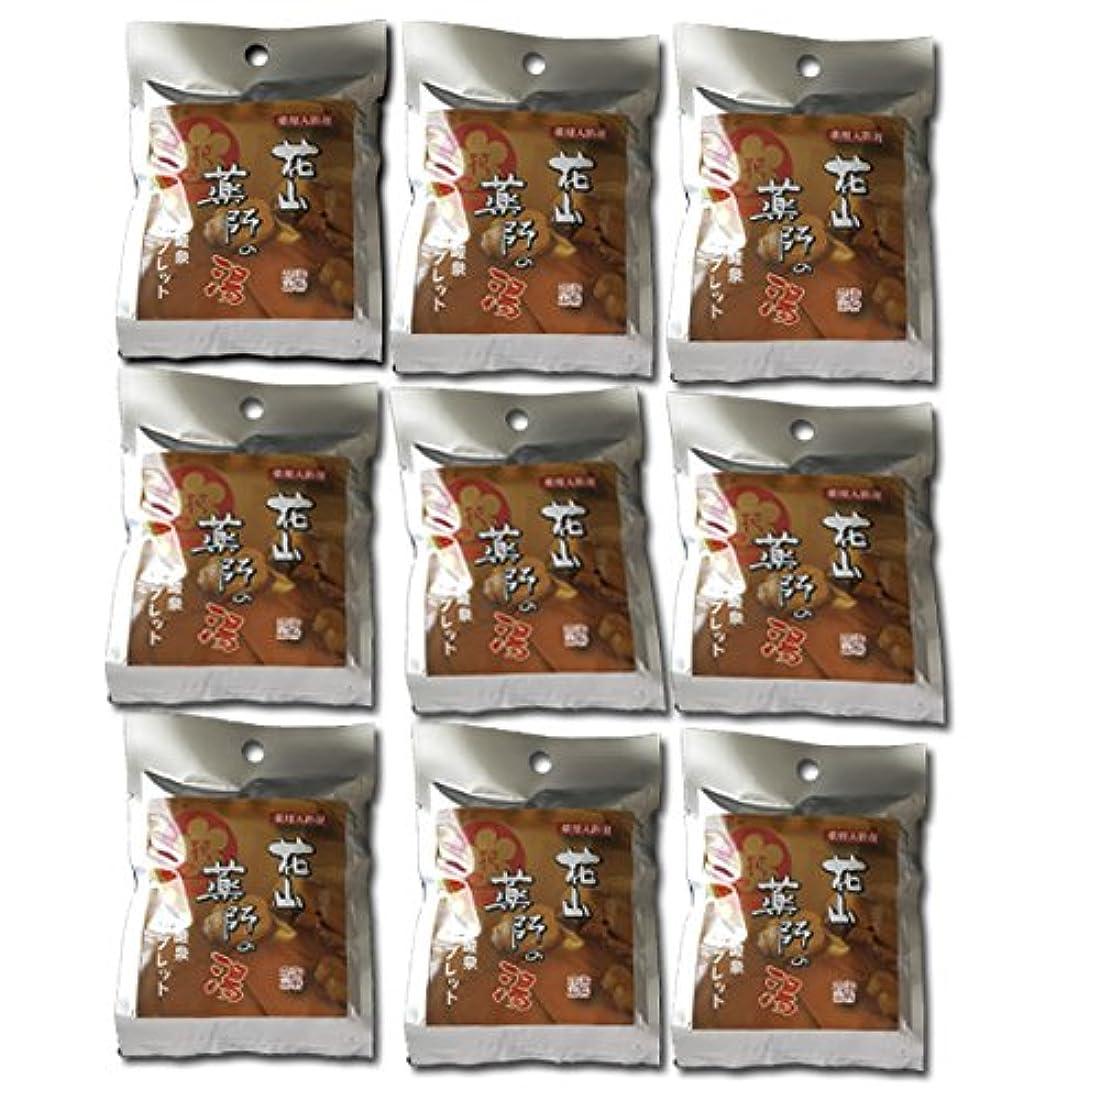 マーガレットミッチェル黒人出席する入浴剤 炭酸泉 和歌山 花山温泉の温泉分析値を元に配合して作られたタブレット9個 薬用